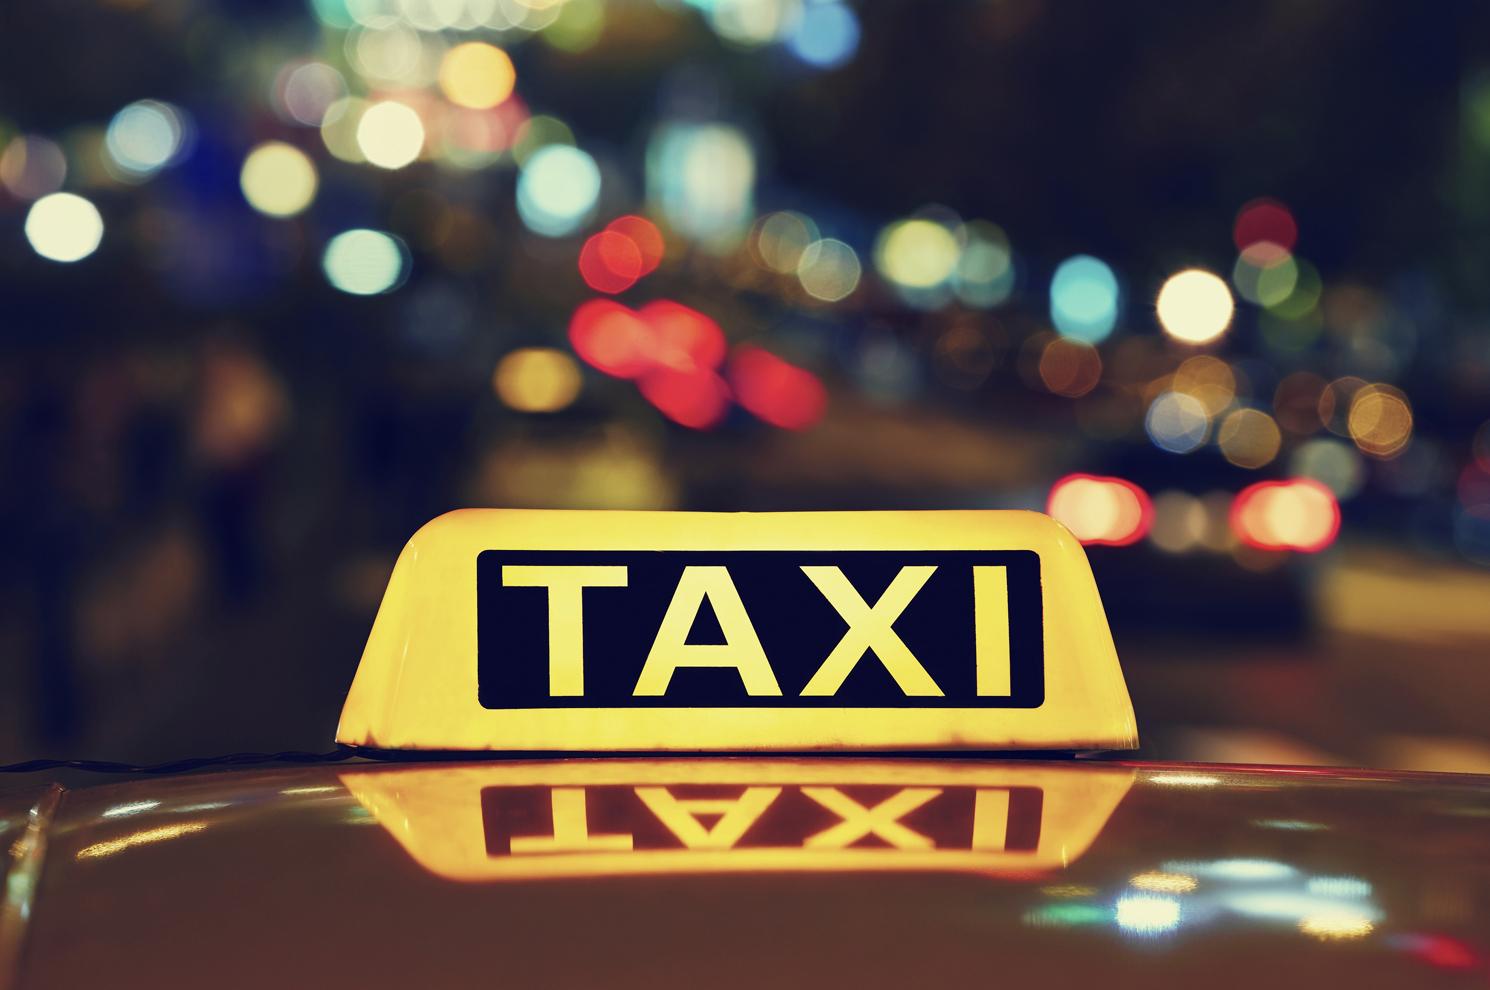 Servicio de taxis en Creixell, Tarragona